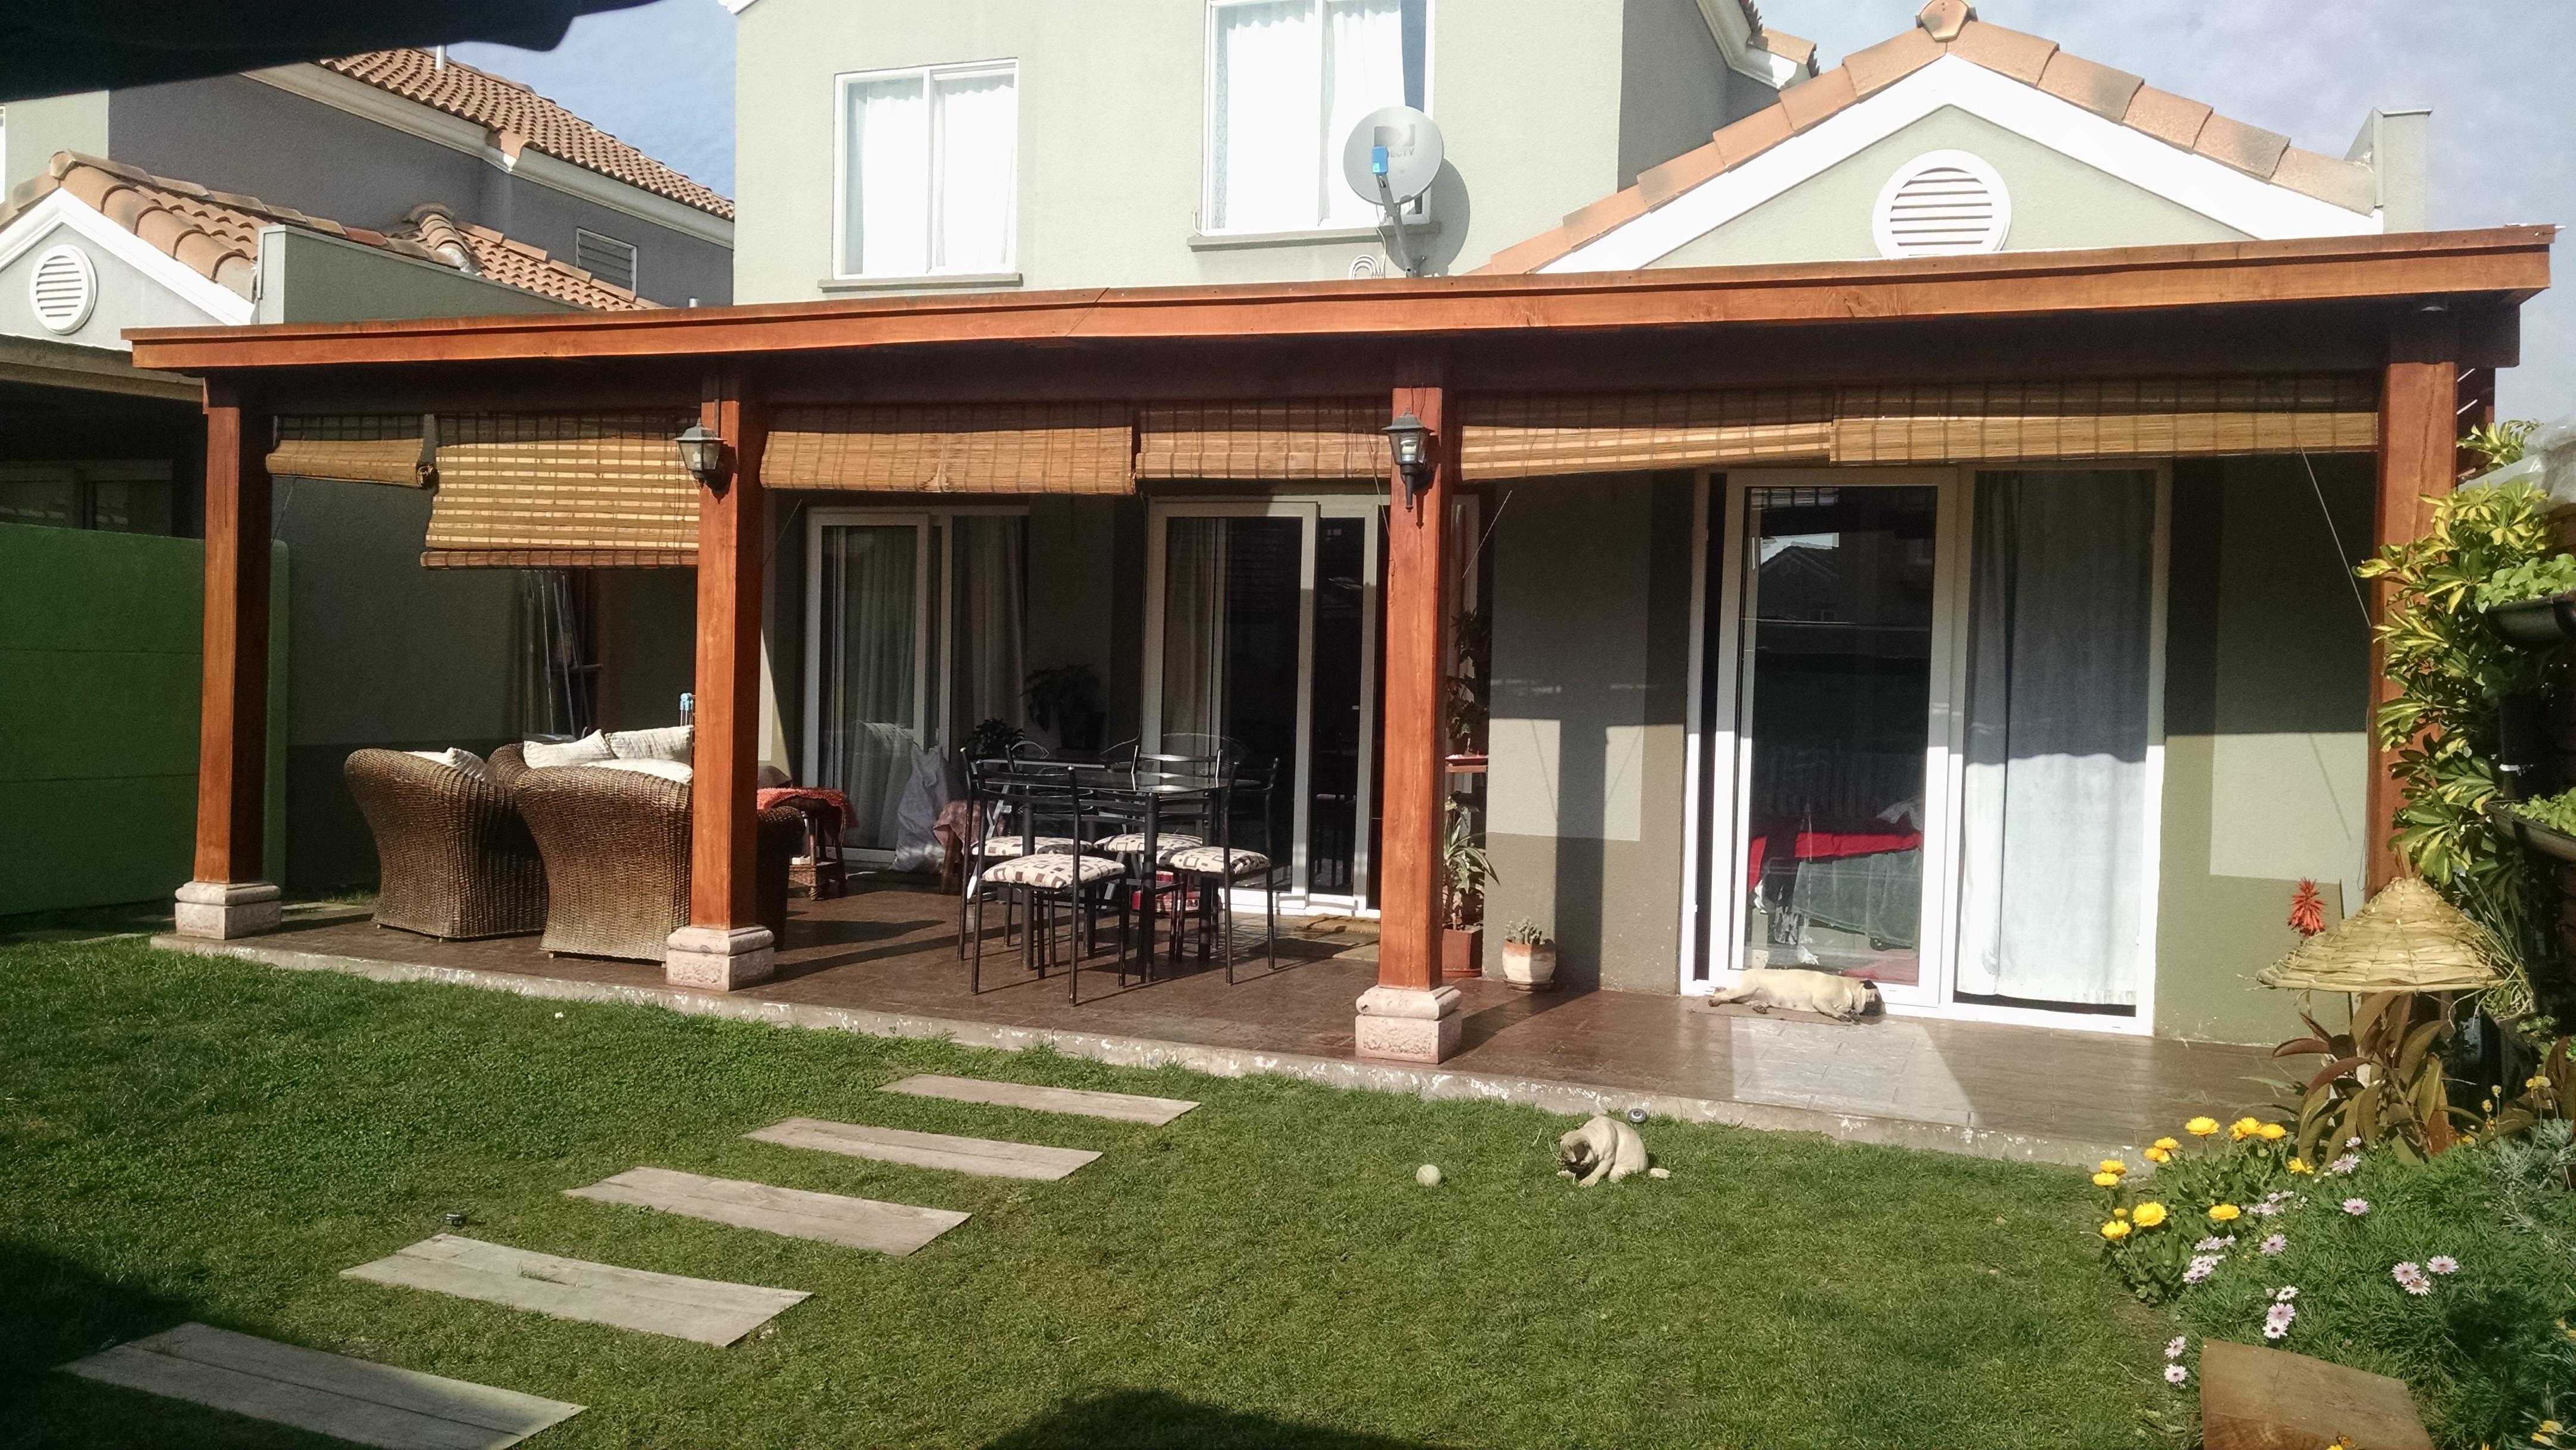 Pergolas parron cobertizos techos terrazas for Easy terrazas chile